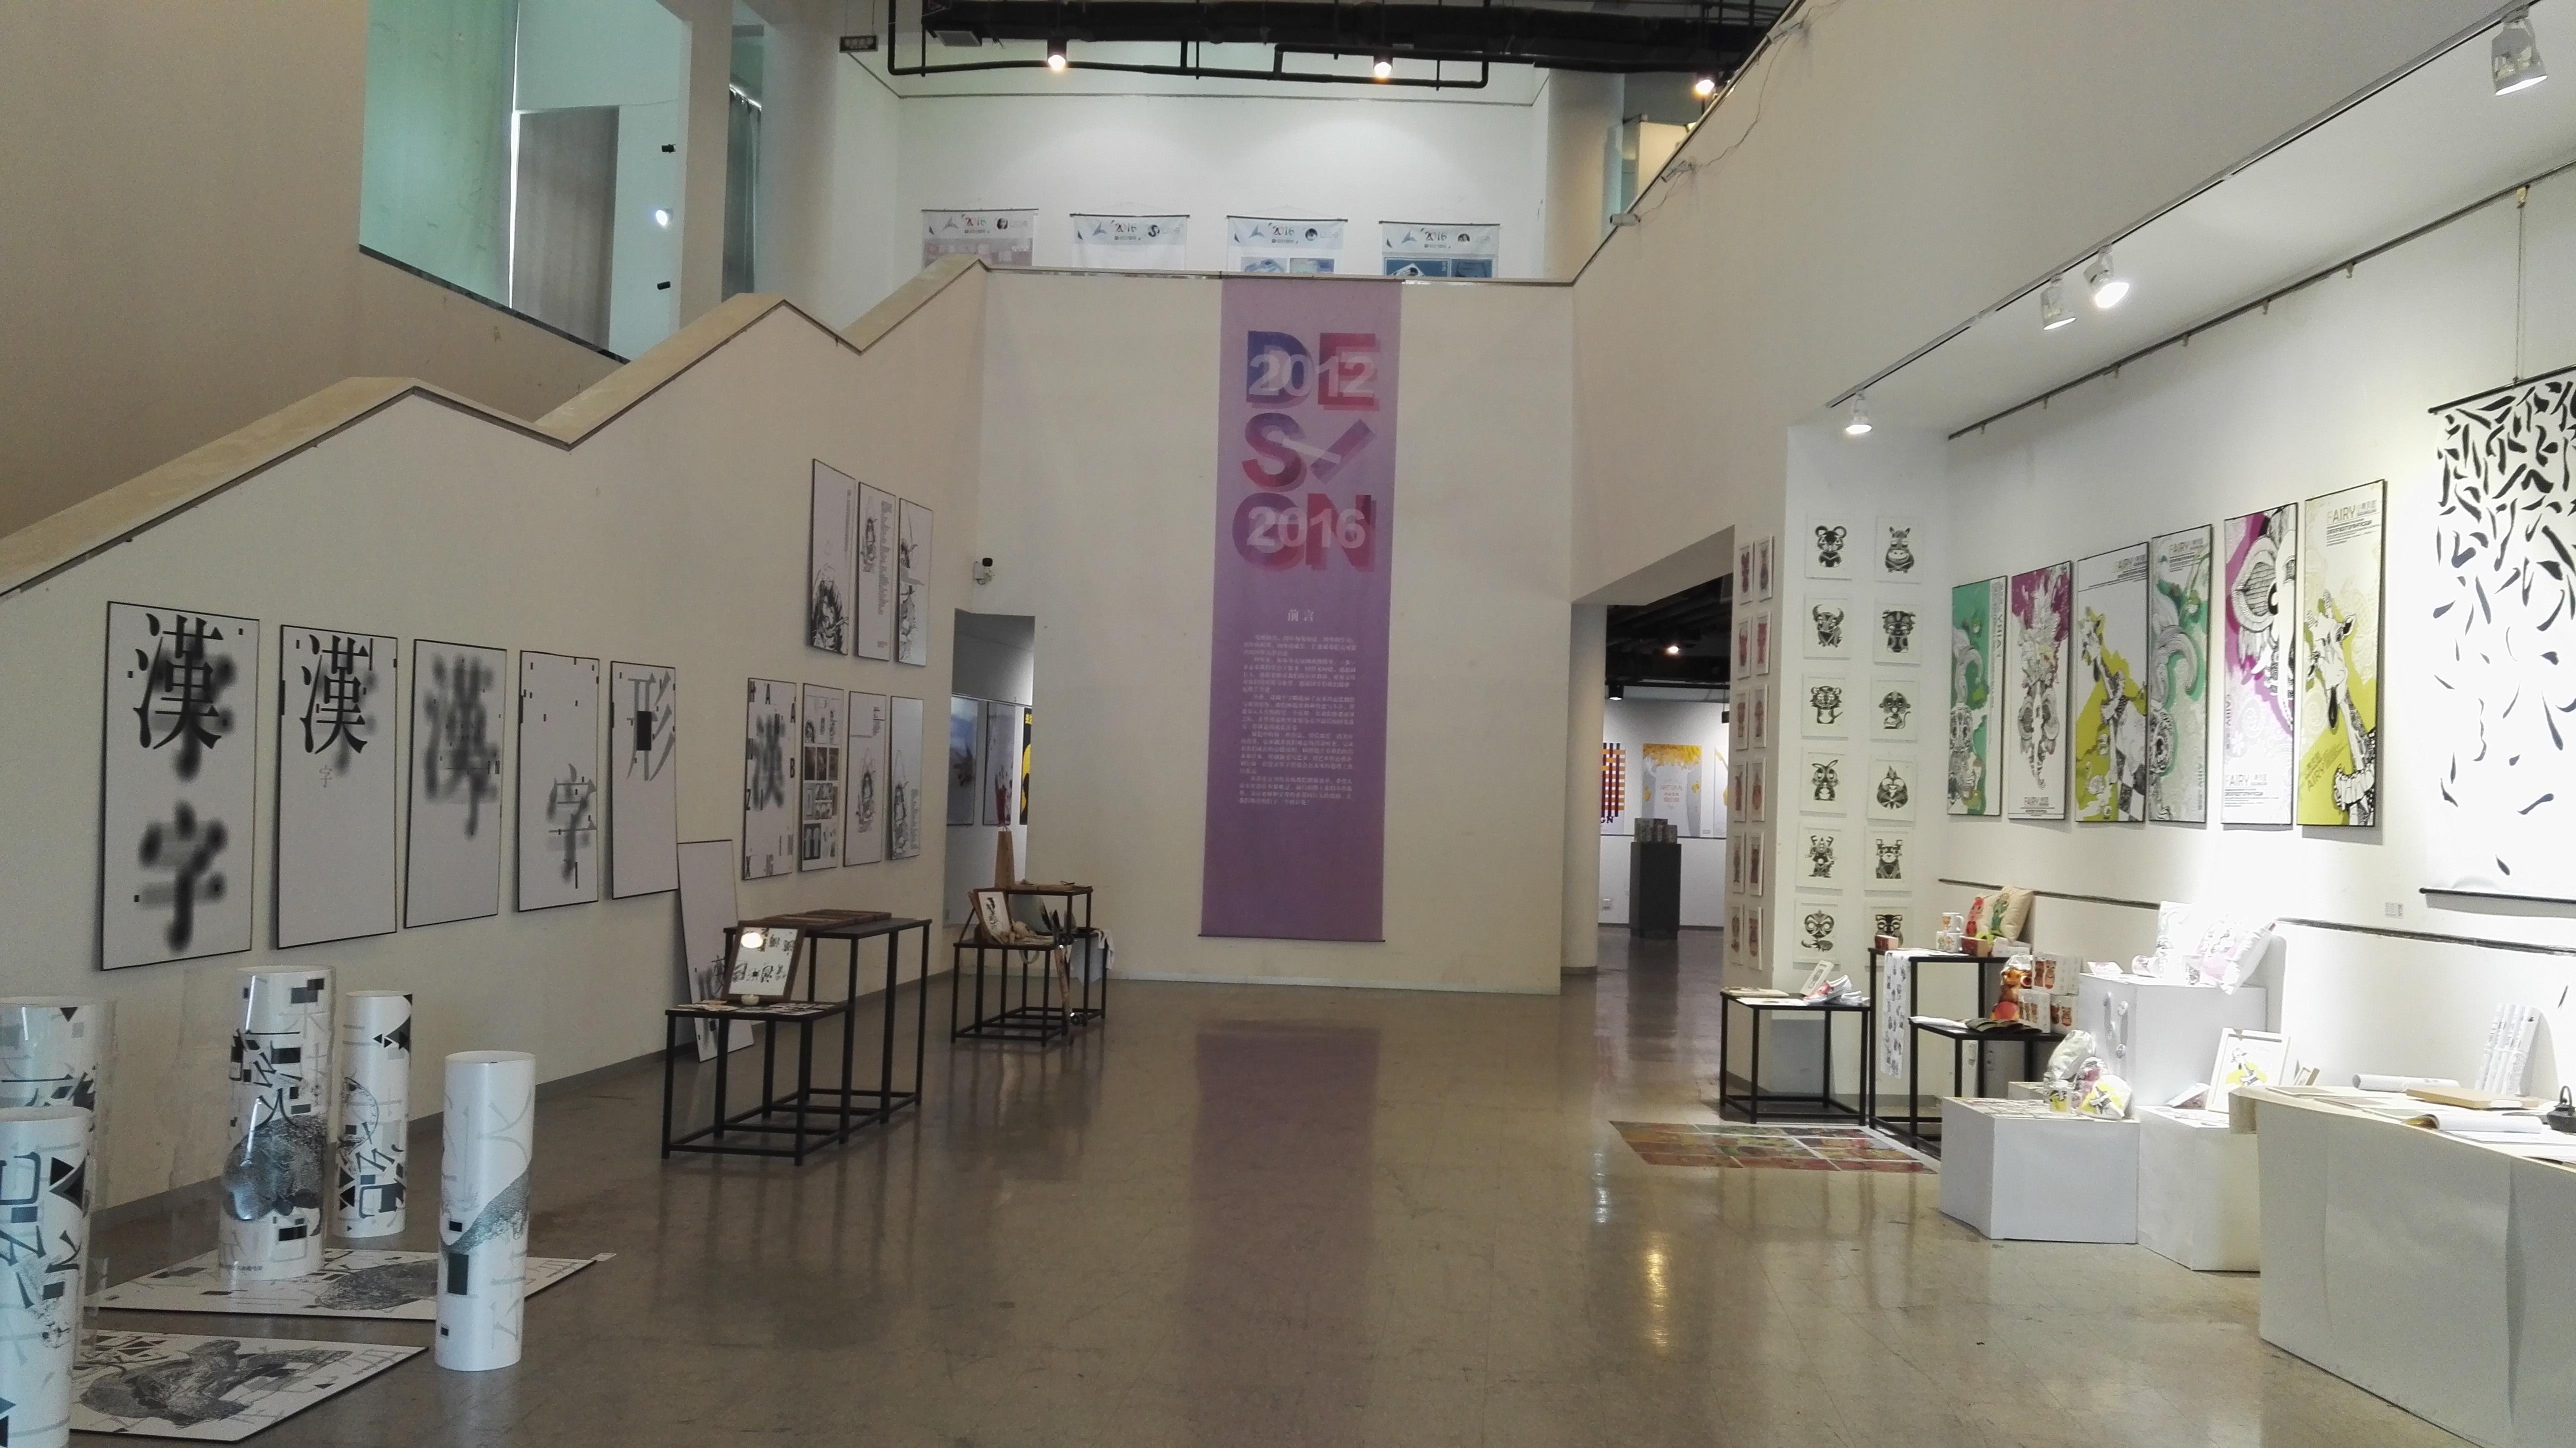 2106届山东艺术学校设计学院视觉传达毕业展